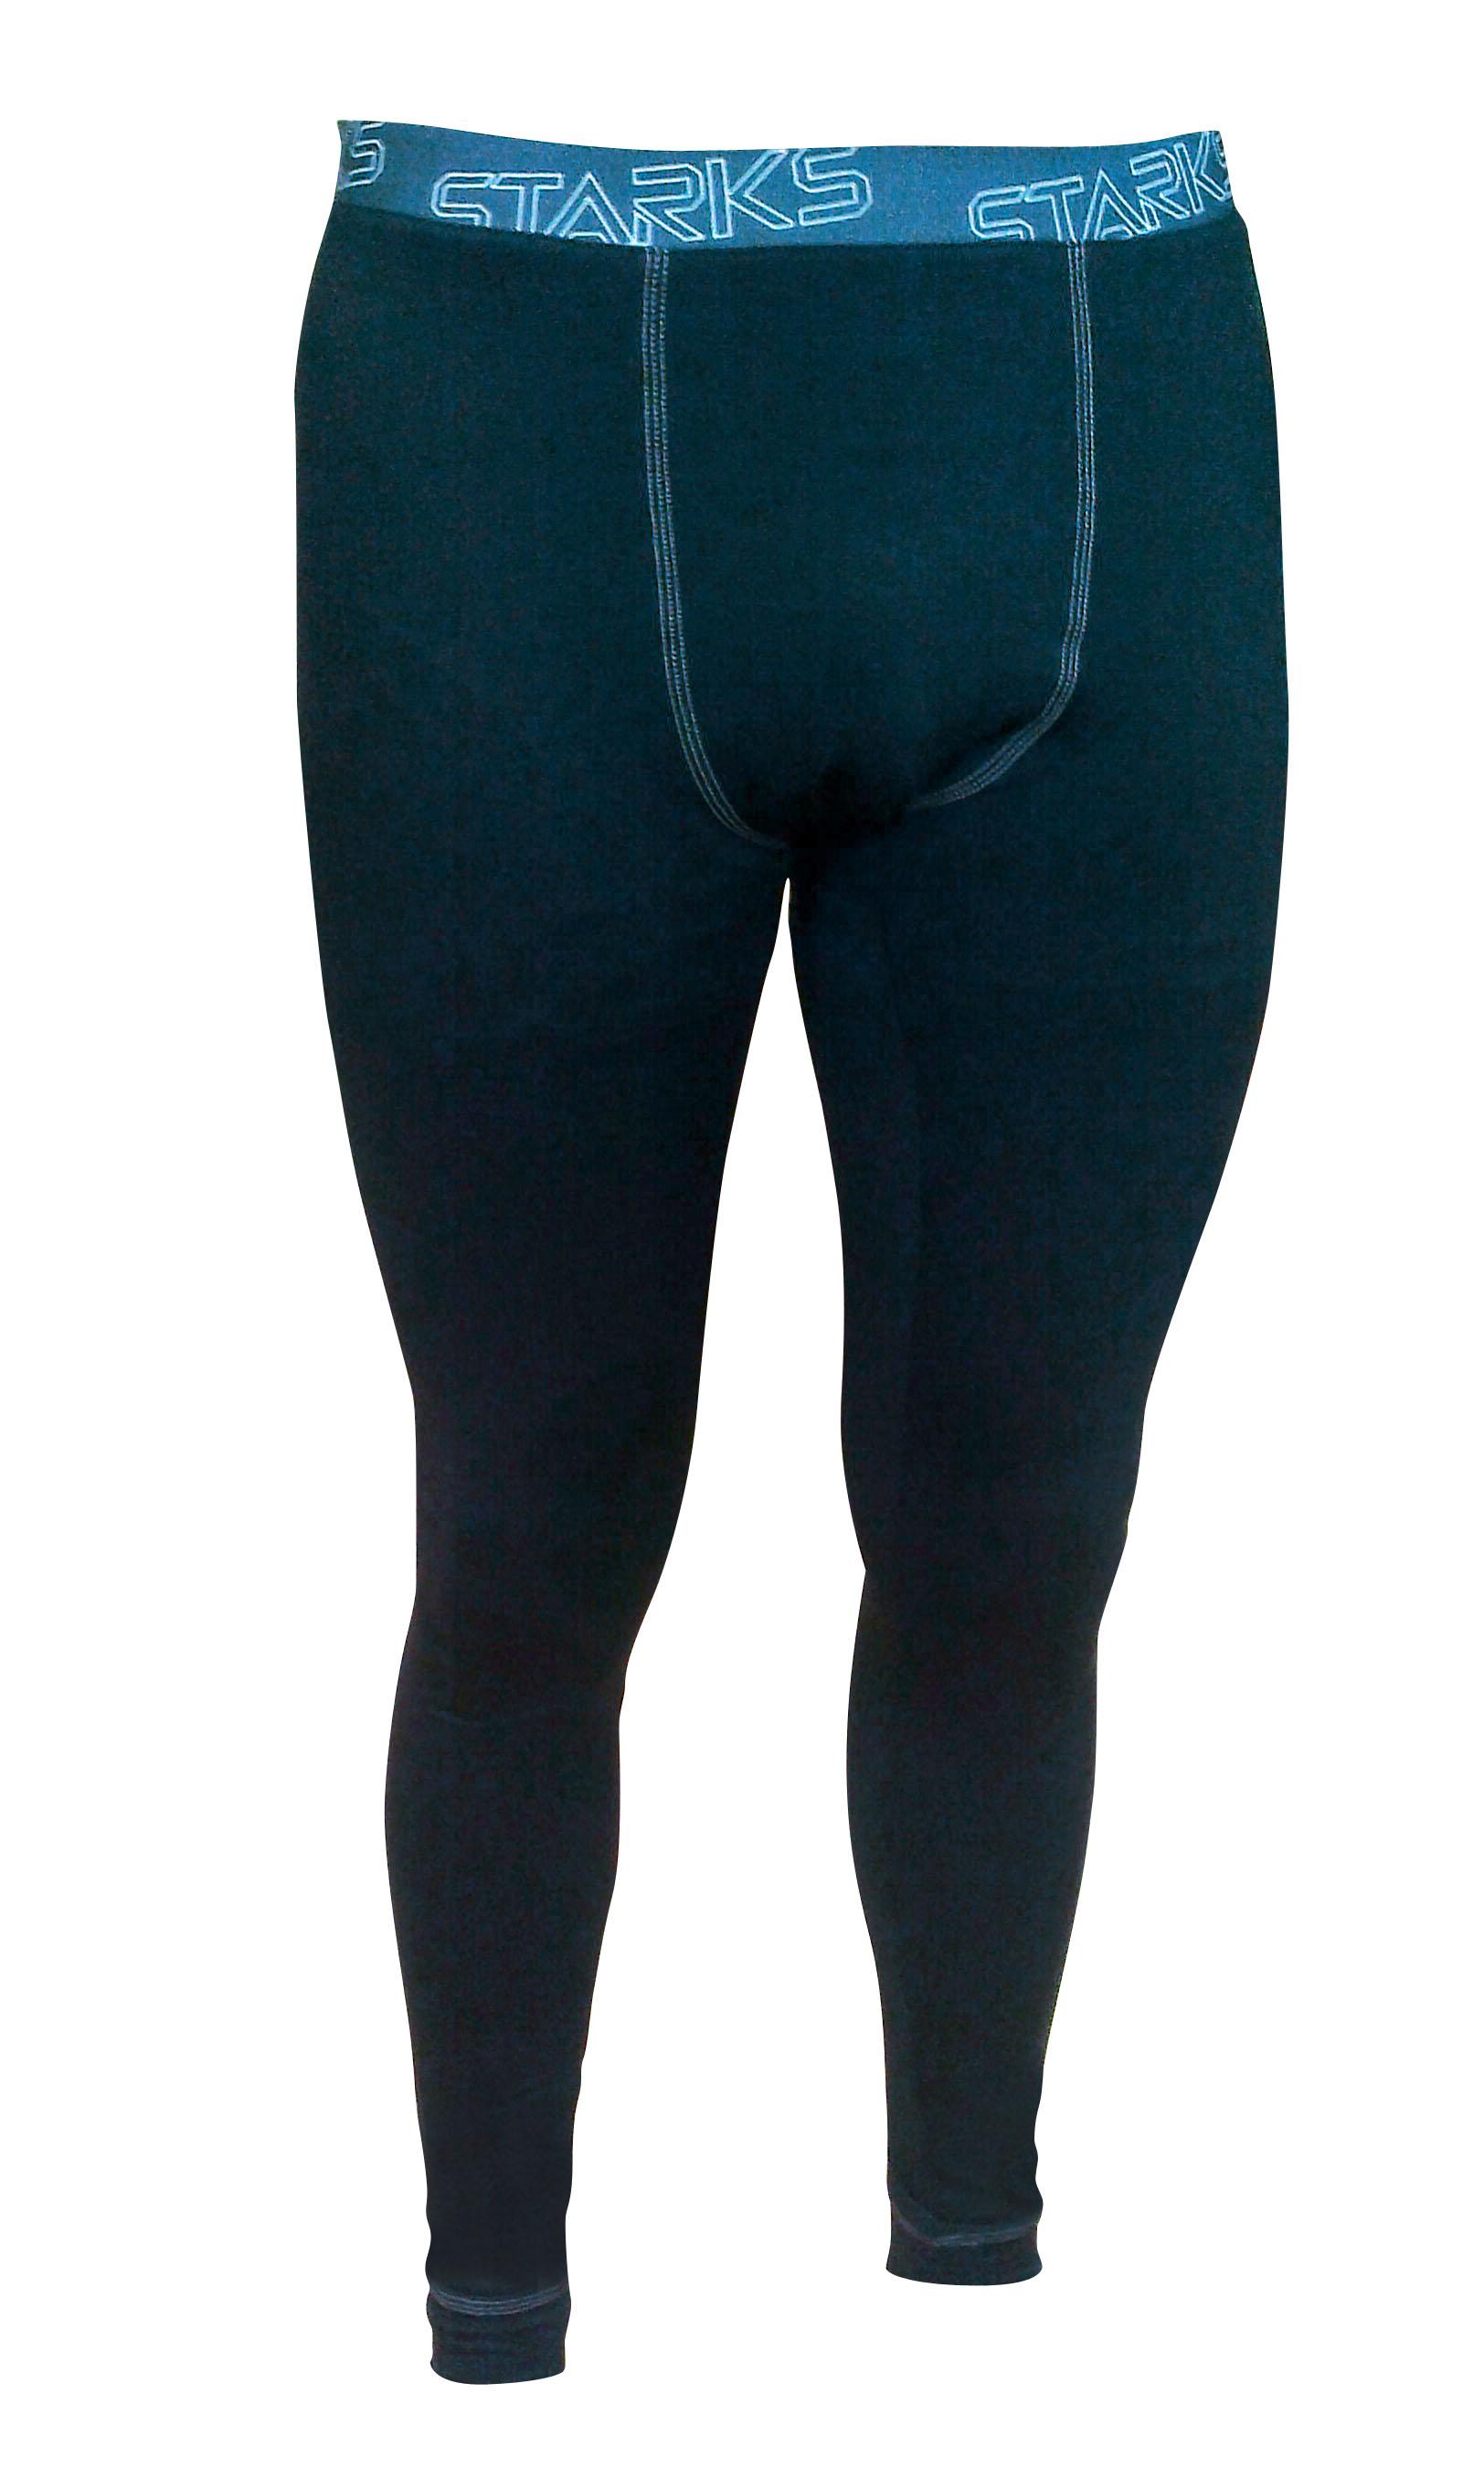 Термобелье брюки мужские Starks Warm, зимние, цвет: черный. ЛЦ0023. Размер XXLPANTERA SPX-2RSБелье Starks Warm предназначено для активных физических нагрузок. Анатомические термобрюки, выполнены из европейской сертифицированной ткани PolarStretch. Высокие эластичные свойства материала позволяют белью максимально повторять индивидуальную анатомию тела, эффект второй кожи. Термобелье имеет отличные влагоотводящие свойства, что позволяет телу оставаться сухим. Высокие термоизоляционные свойства, позволяют исключить переохлаждение или перегрев. Повседневное использование, в качестве демисезонного.Особенности: -Stop Bacteria - ткань с ионами серебра, предотвращает образование и развитие бактерий.-Защита от перегрева или переохлаждения.-Система мягких и плоских швов.-Гипоаллергенно. Состав: 92% полиэстер, 8% эластан.